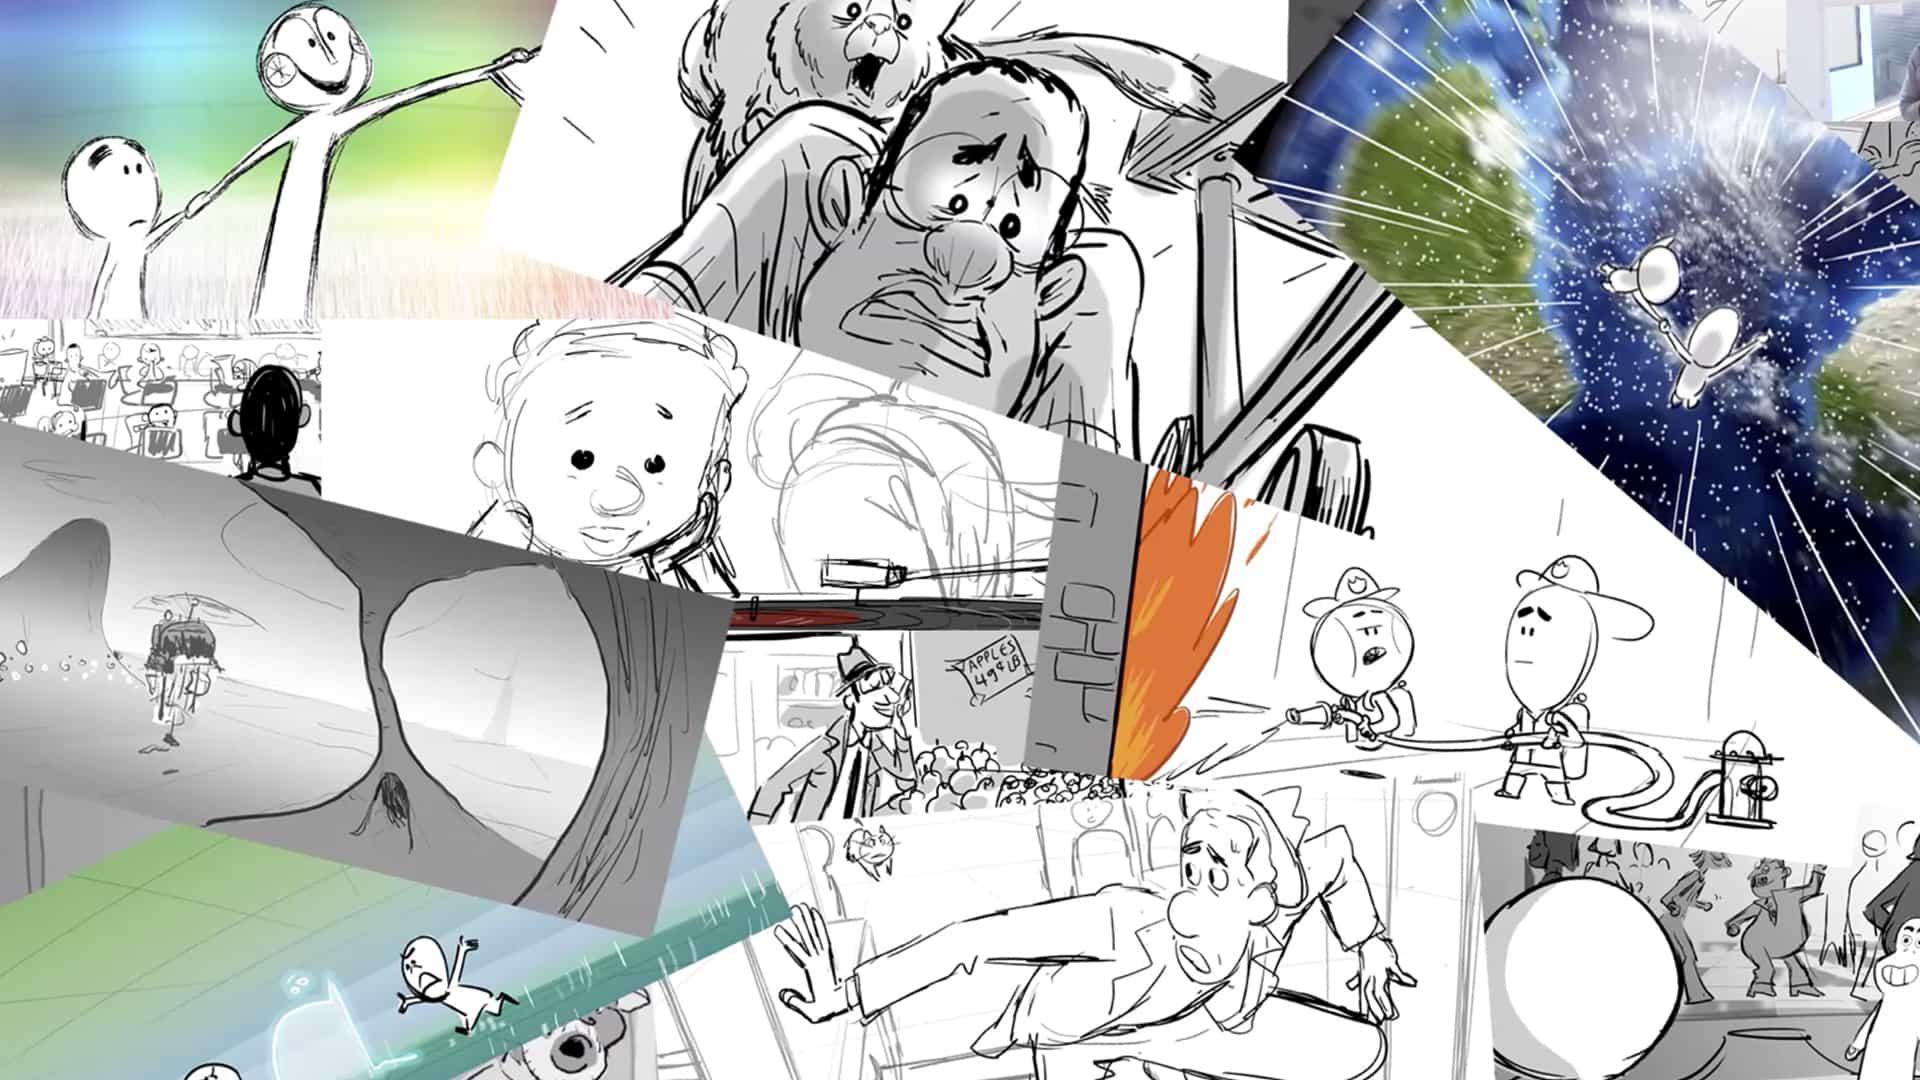 El artista Soul de Pixar revela 3 escenas eliminadas